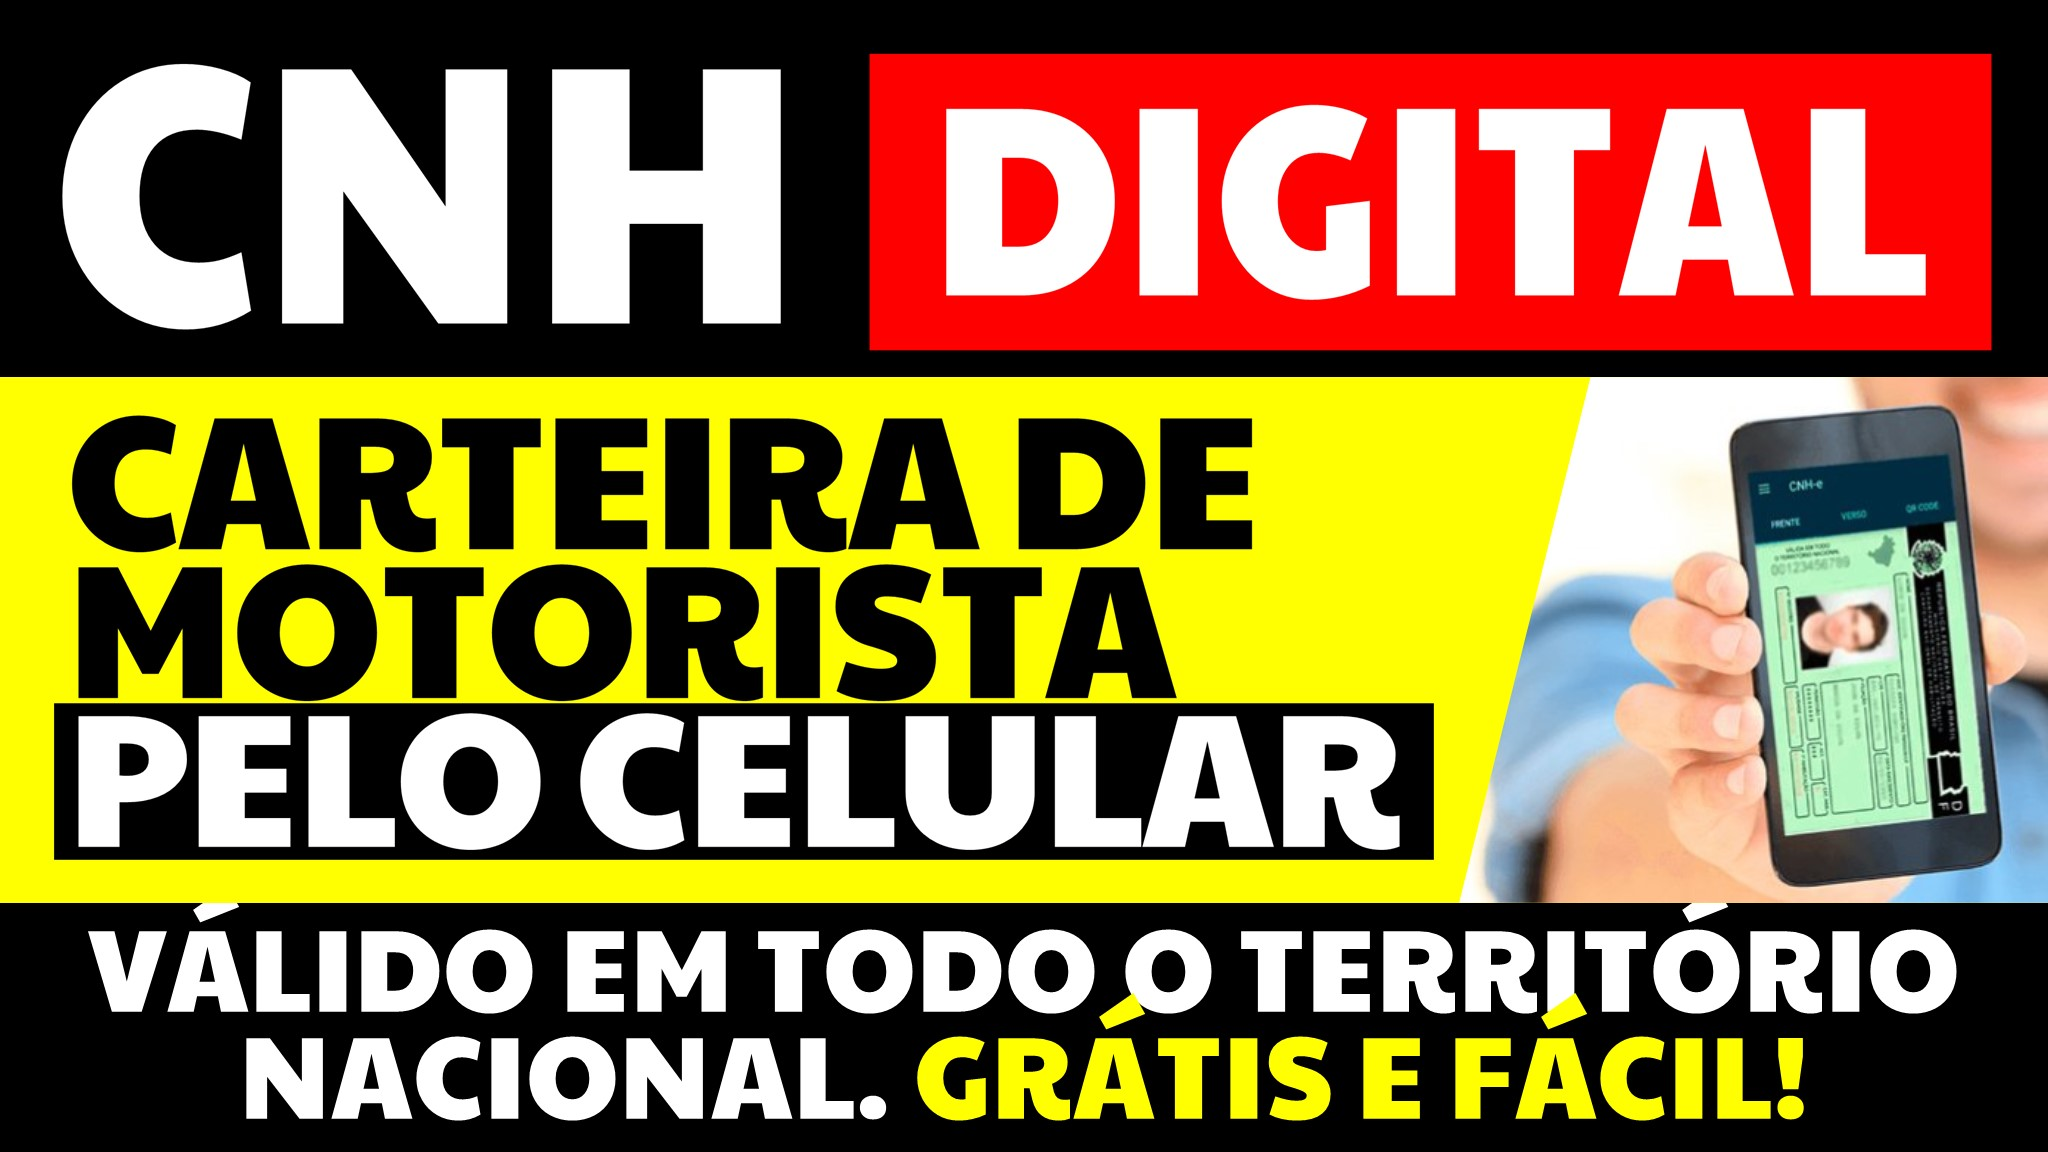 CNH DIGITAL CARTEIRA DE MOTORISTA DIGITAL APP PELO CELULAR